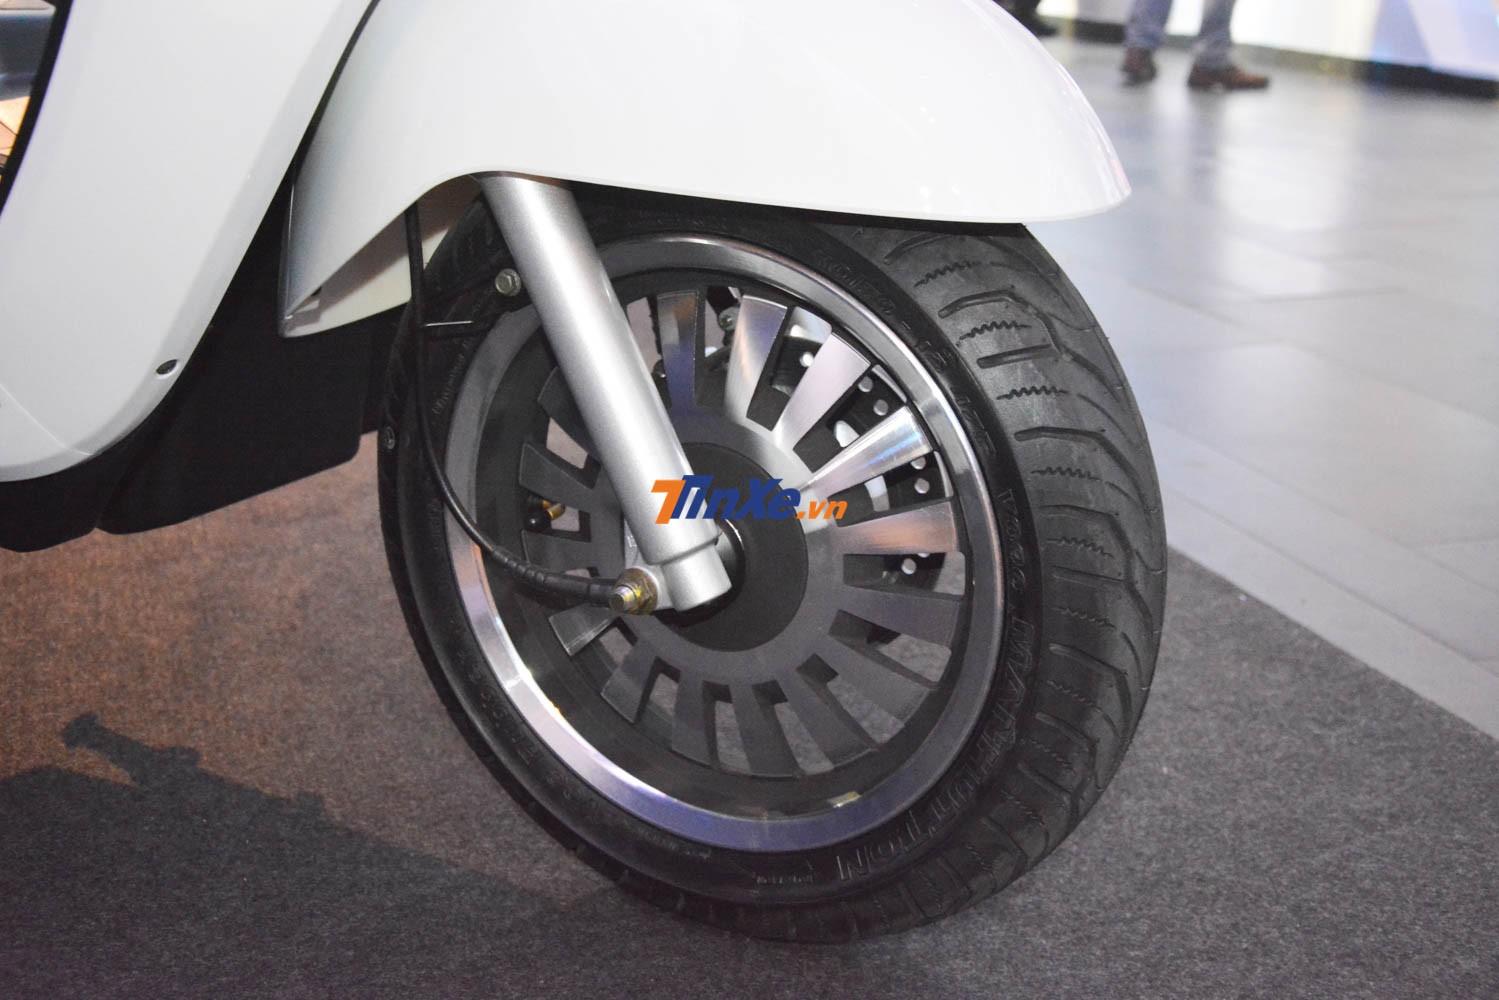 UMG Motor Selena được trang bị mâm đa chấu có kích thước 12 inch với các chấu mâm mạ crôm